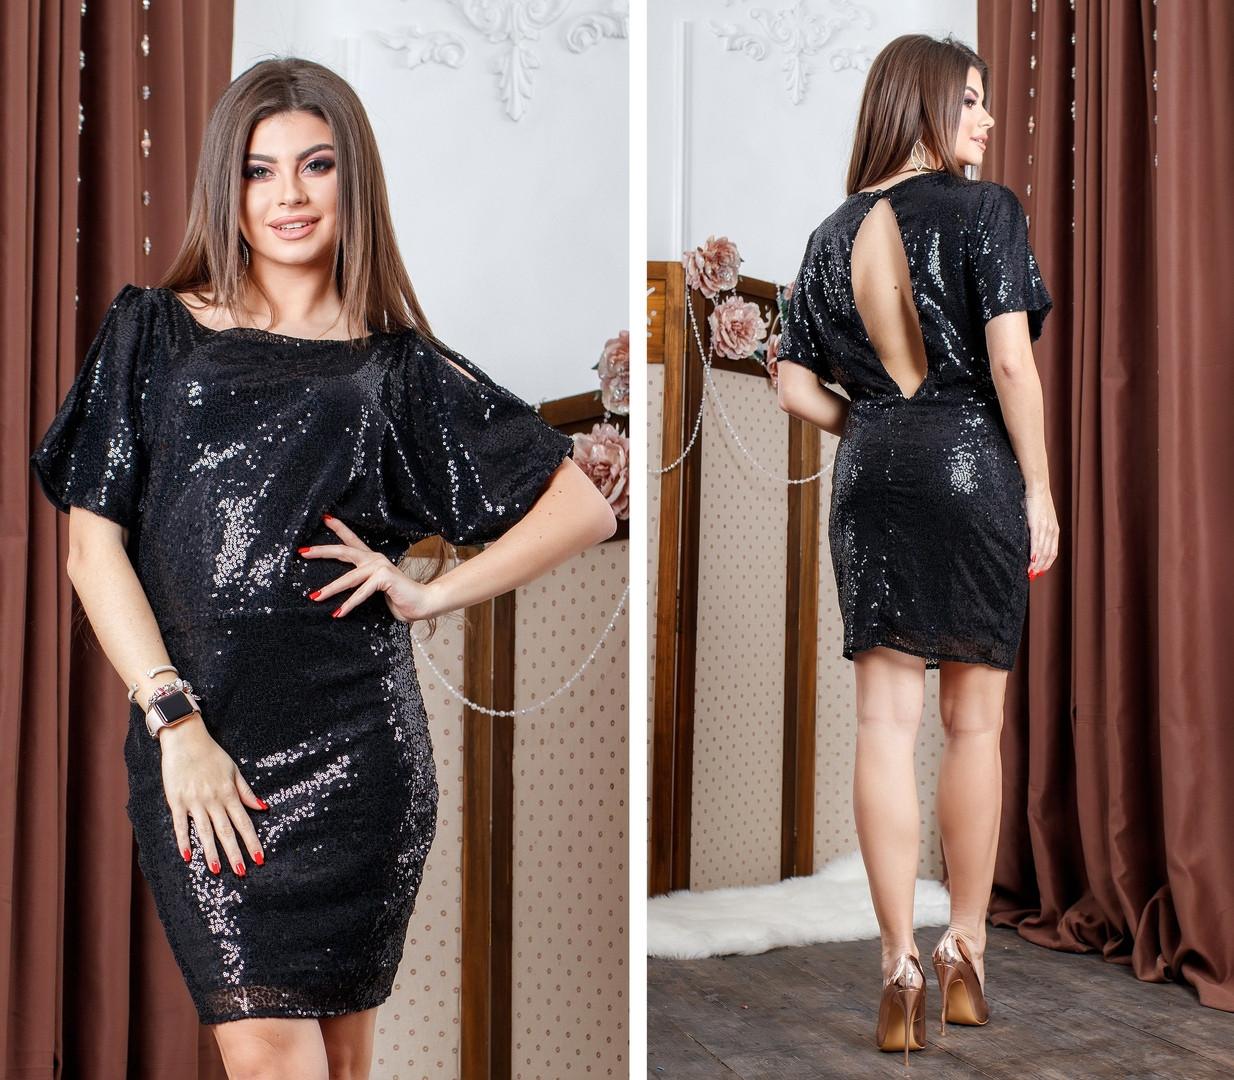 62d7654c712 СТИЛЬНОЕ молодежное платье с декором NOBILITAS черный пайетки масло (арт.  18046) - NOBILITAS